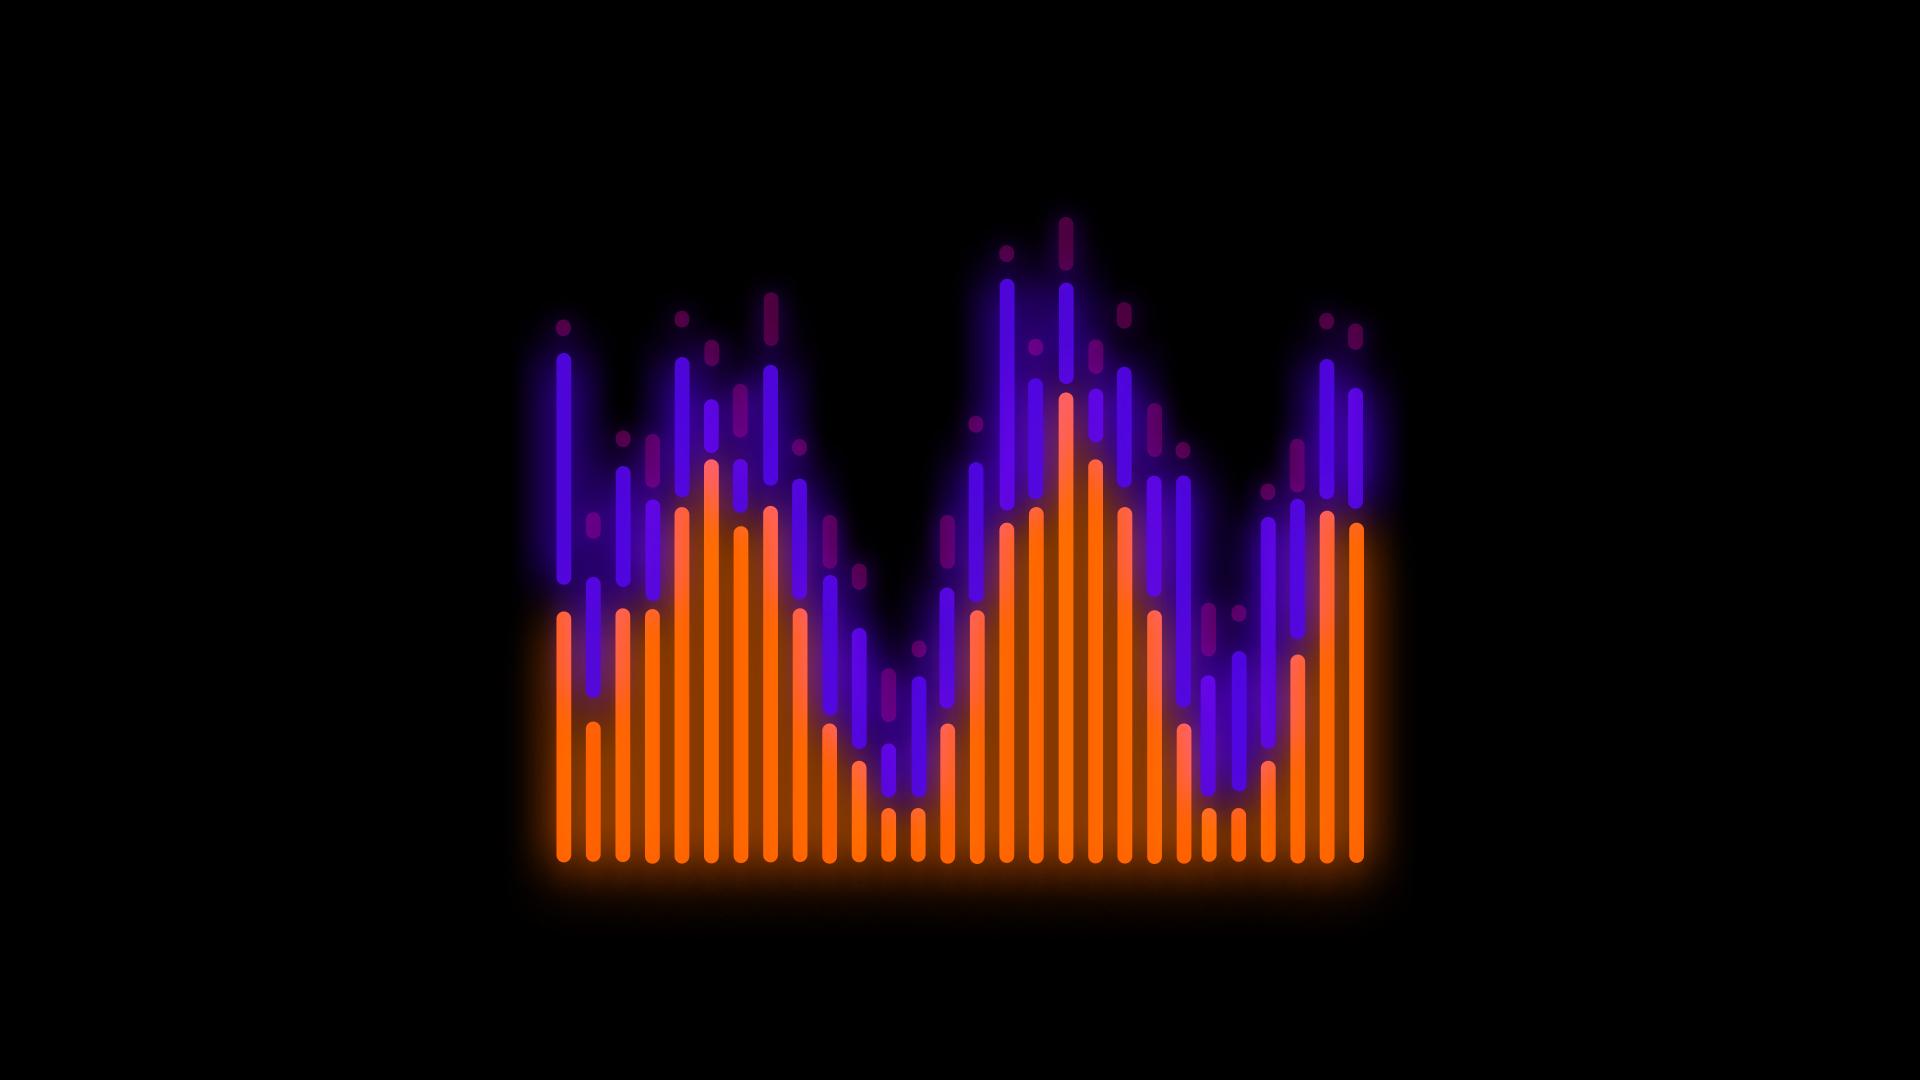 Widening the sound